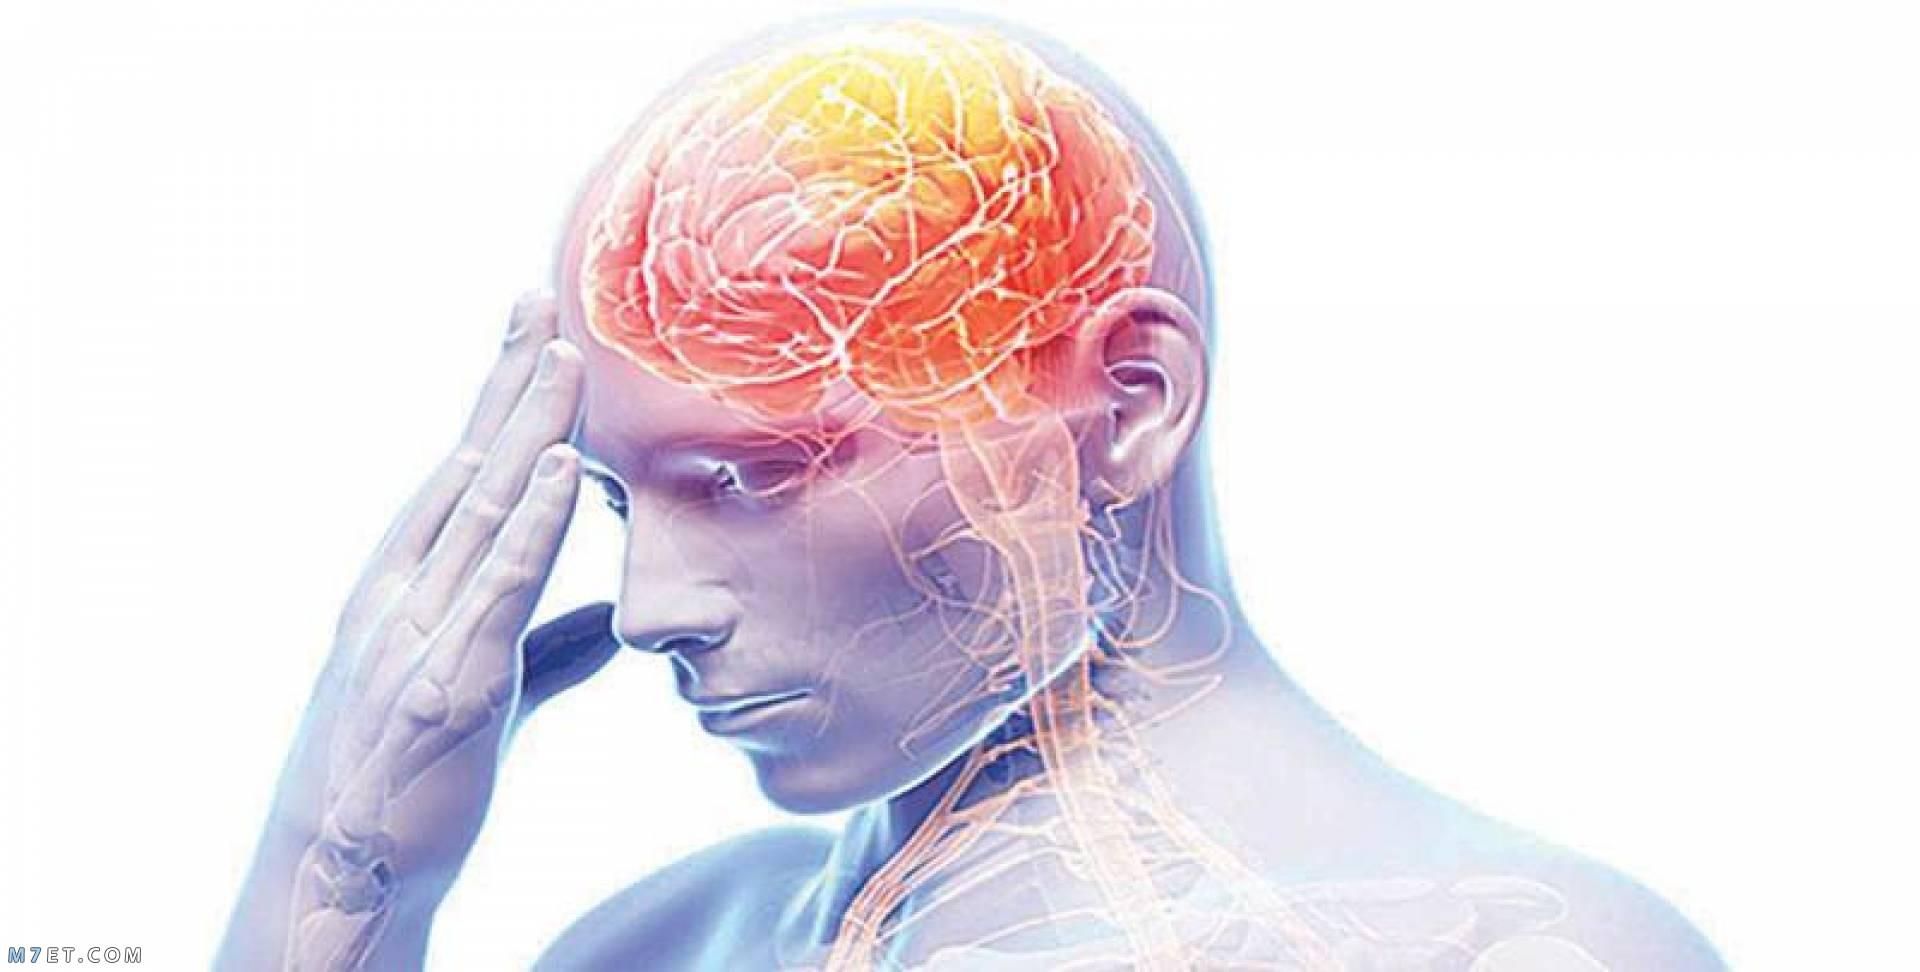 اعراض التصلب اللويحي